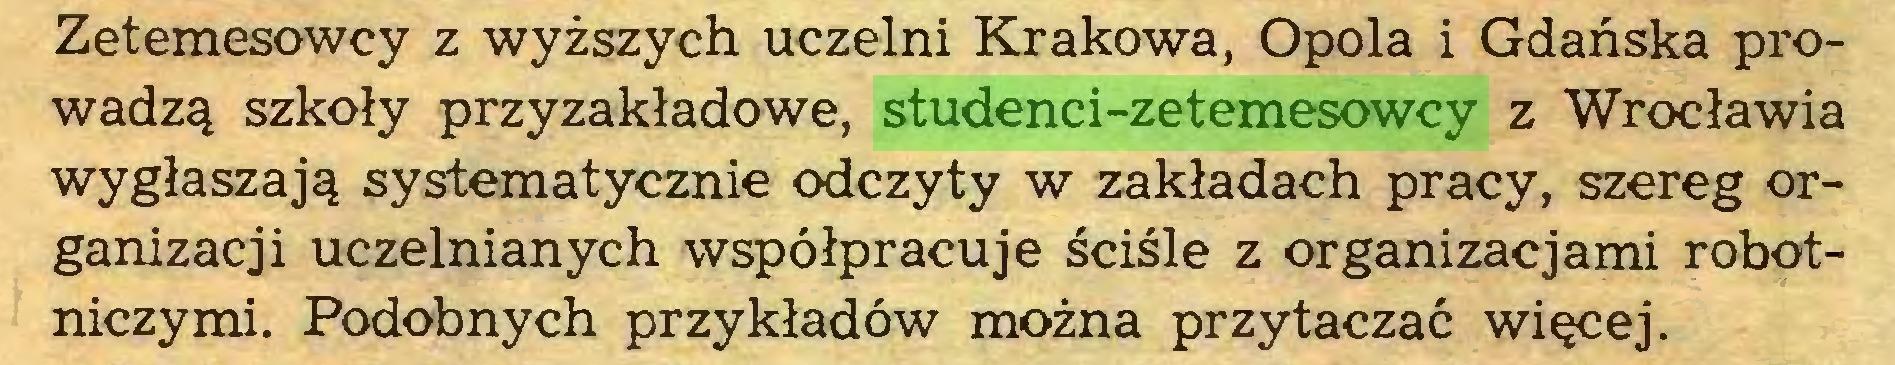 (...) Zetemesowcy z wyższych uczelni Krakowa, Opola i Gdańska prowadzą szkoły przyzakładowe, studenci-zetemesowcy z Wrocławia wygłaszają systematycznie odczyty w zakładach pracy, szereg organizacji uczelnianych współpracuje ściśle z organizacjami robotniczymi. Podobnych przykładów można przytaczać więcej...